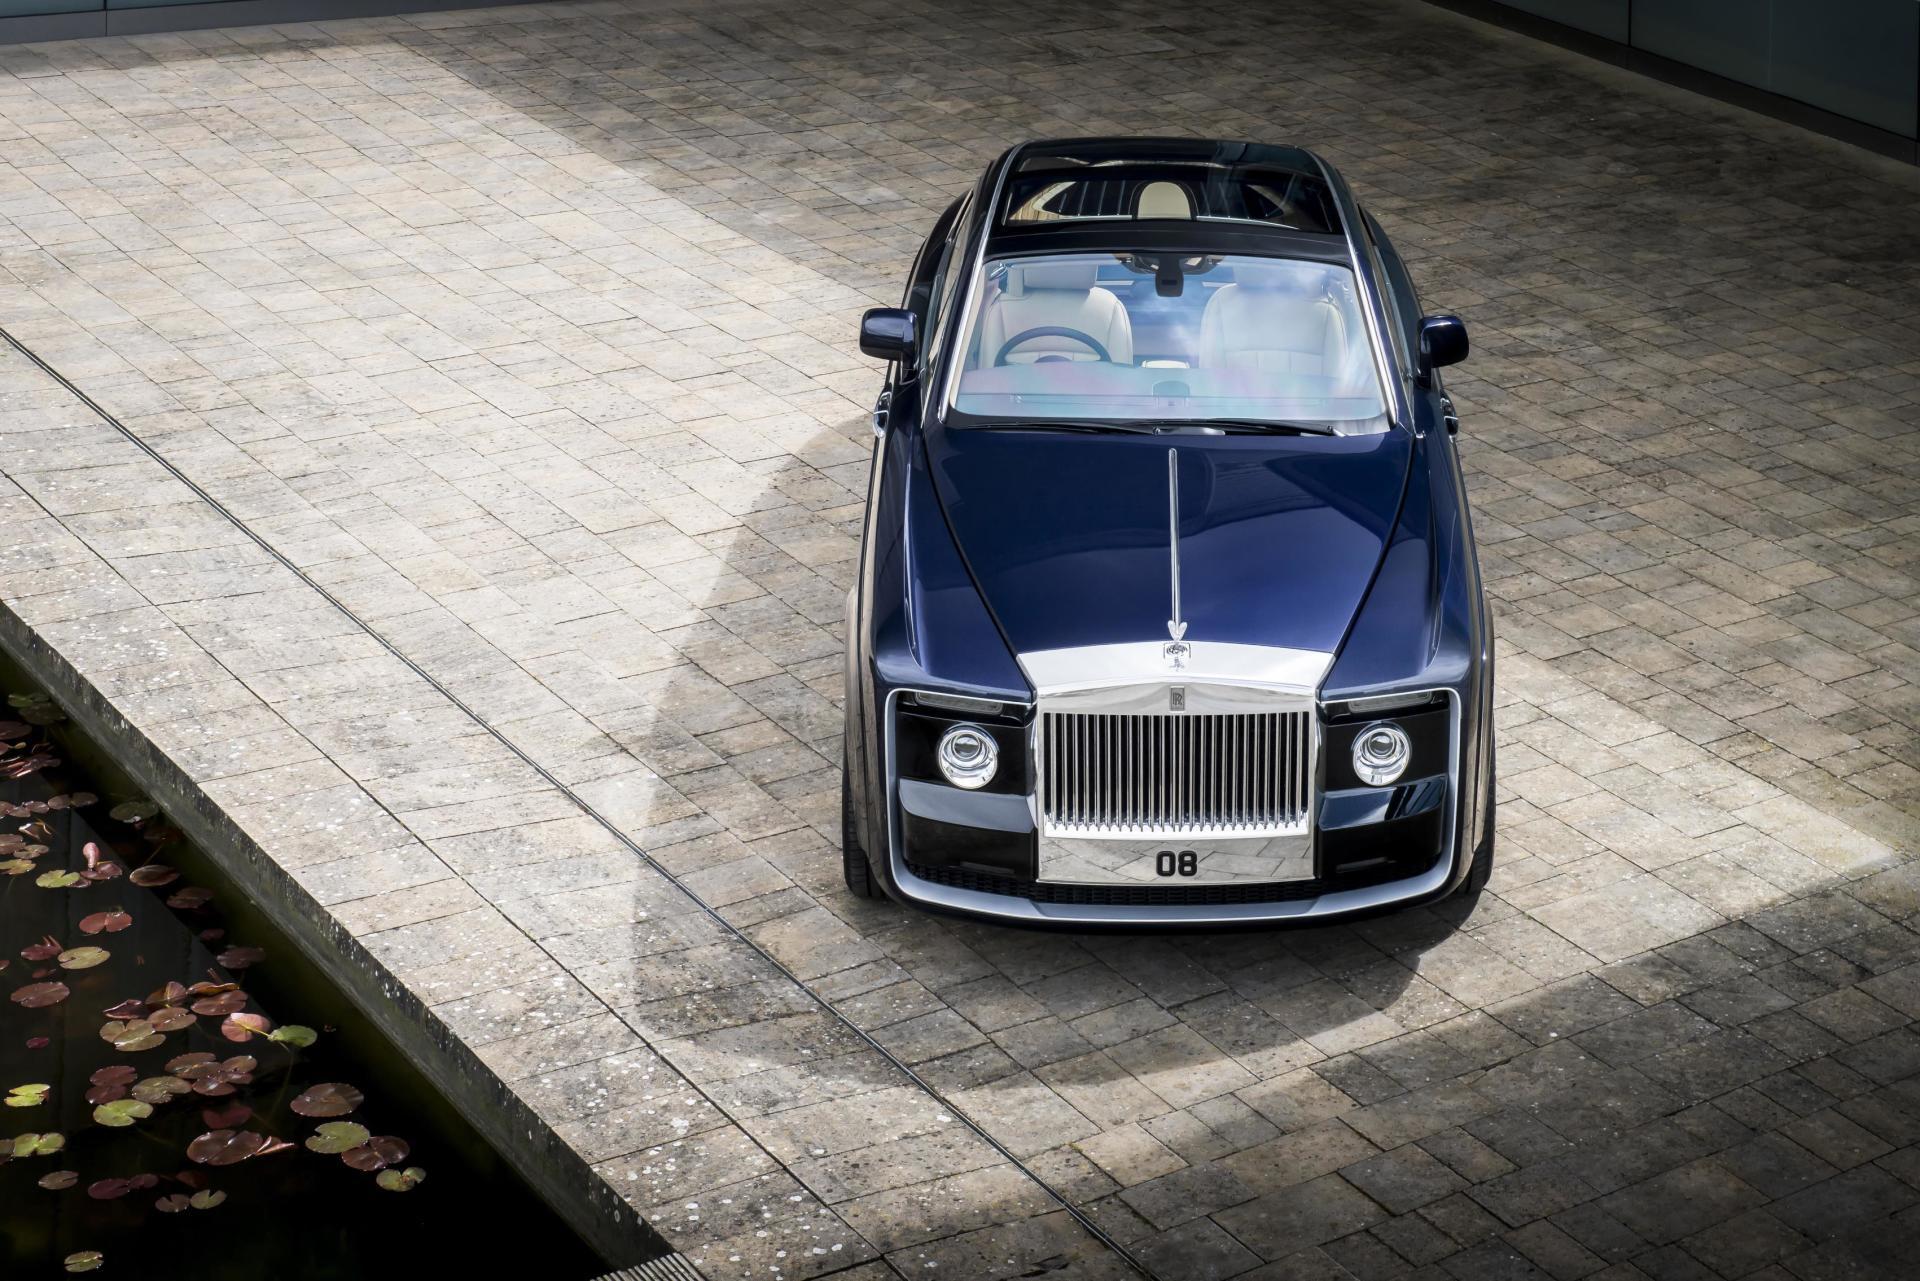 Rolls Royce Sweptail: ¿Estamos ante el coche más caro fabricado hasta la fecha?